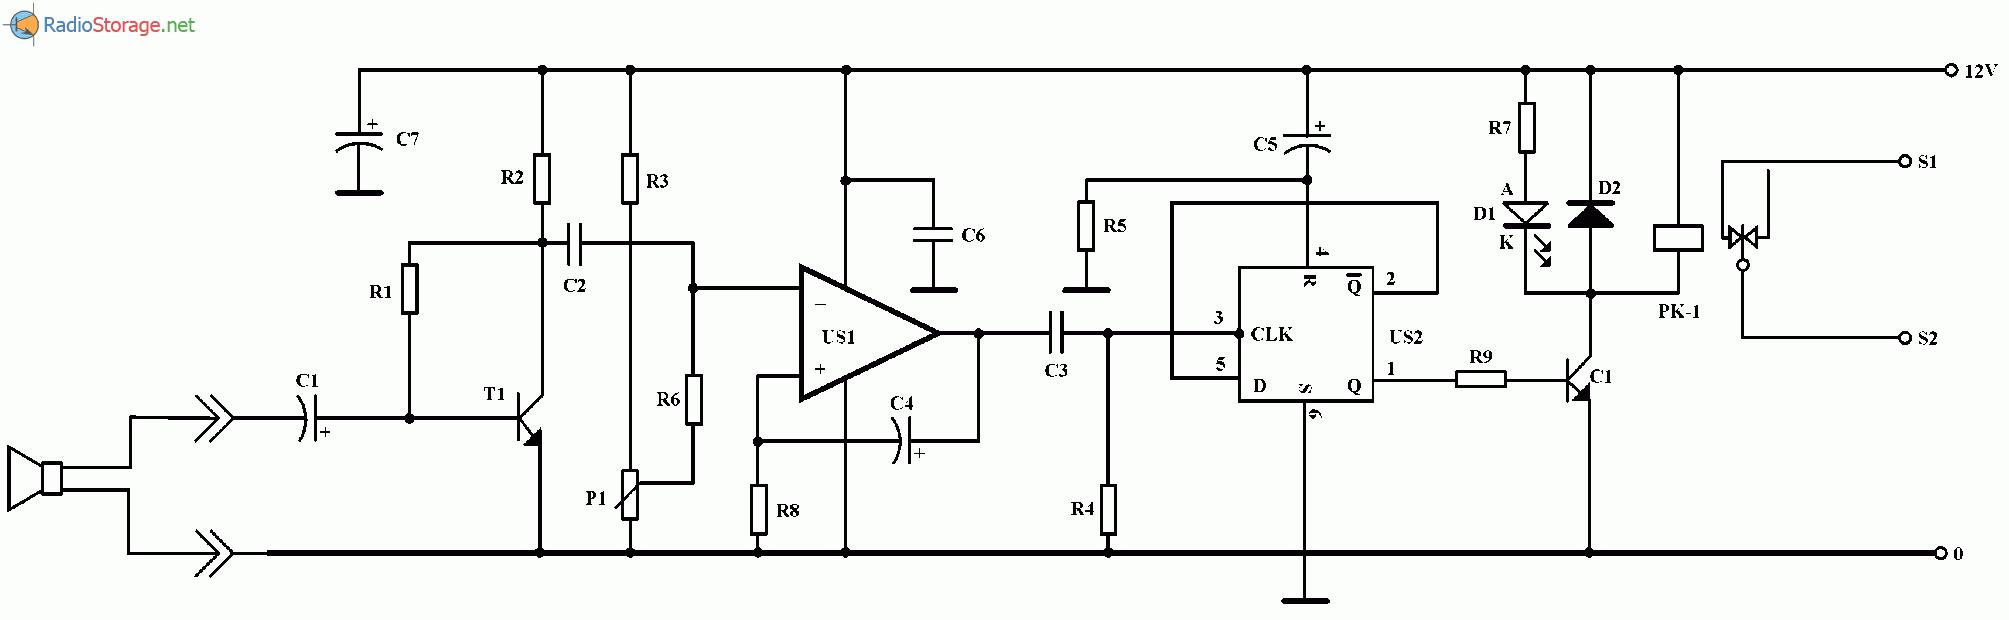 Акустический выключатель электронных устройств, схема